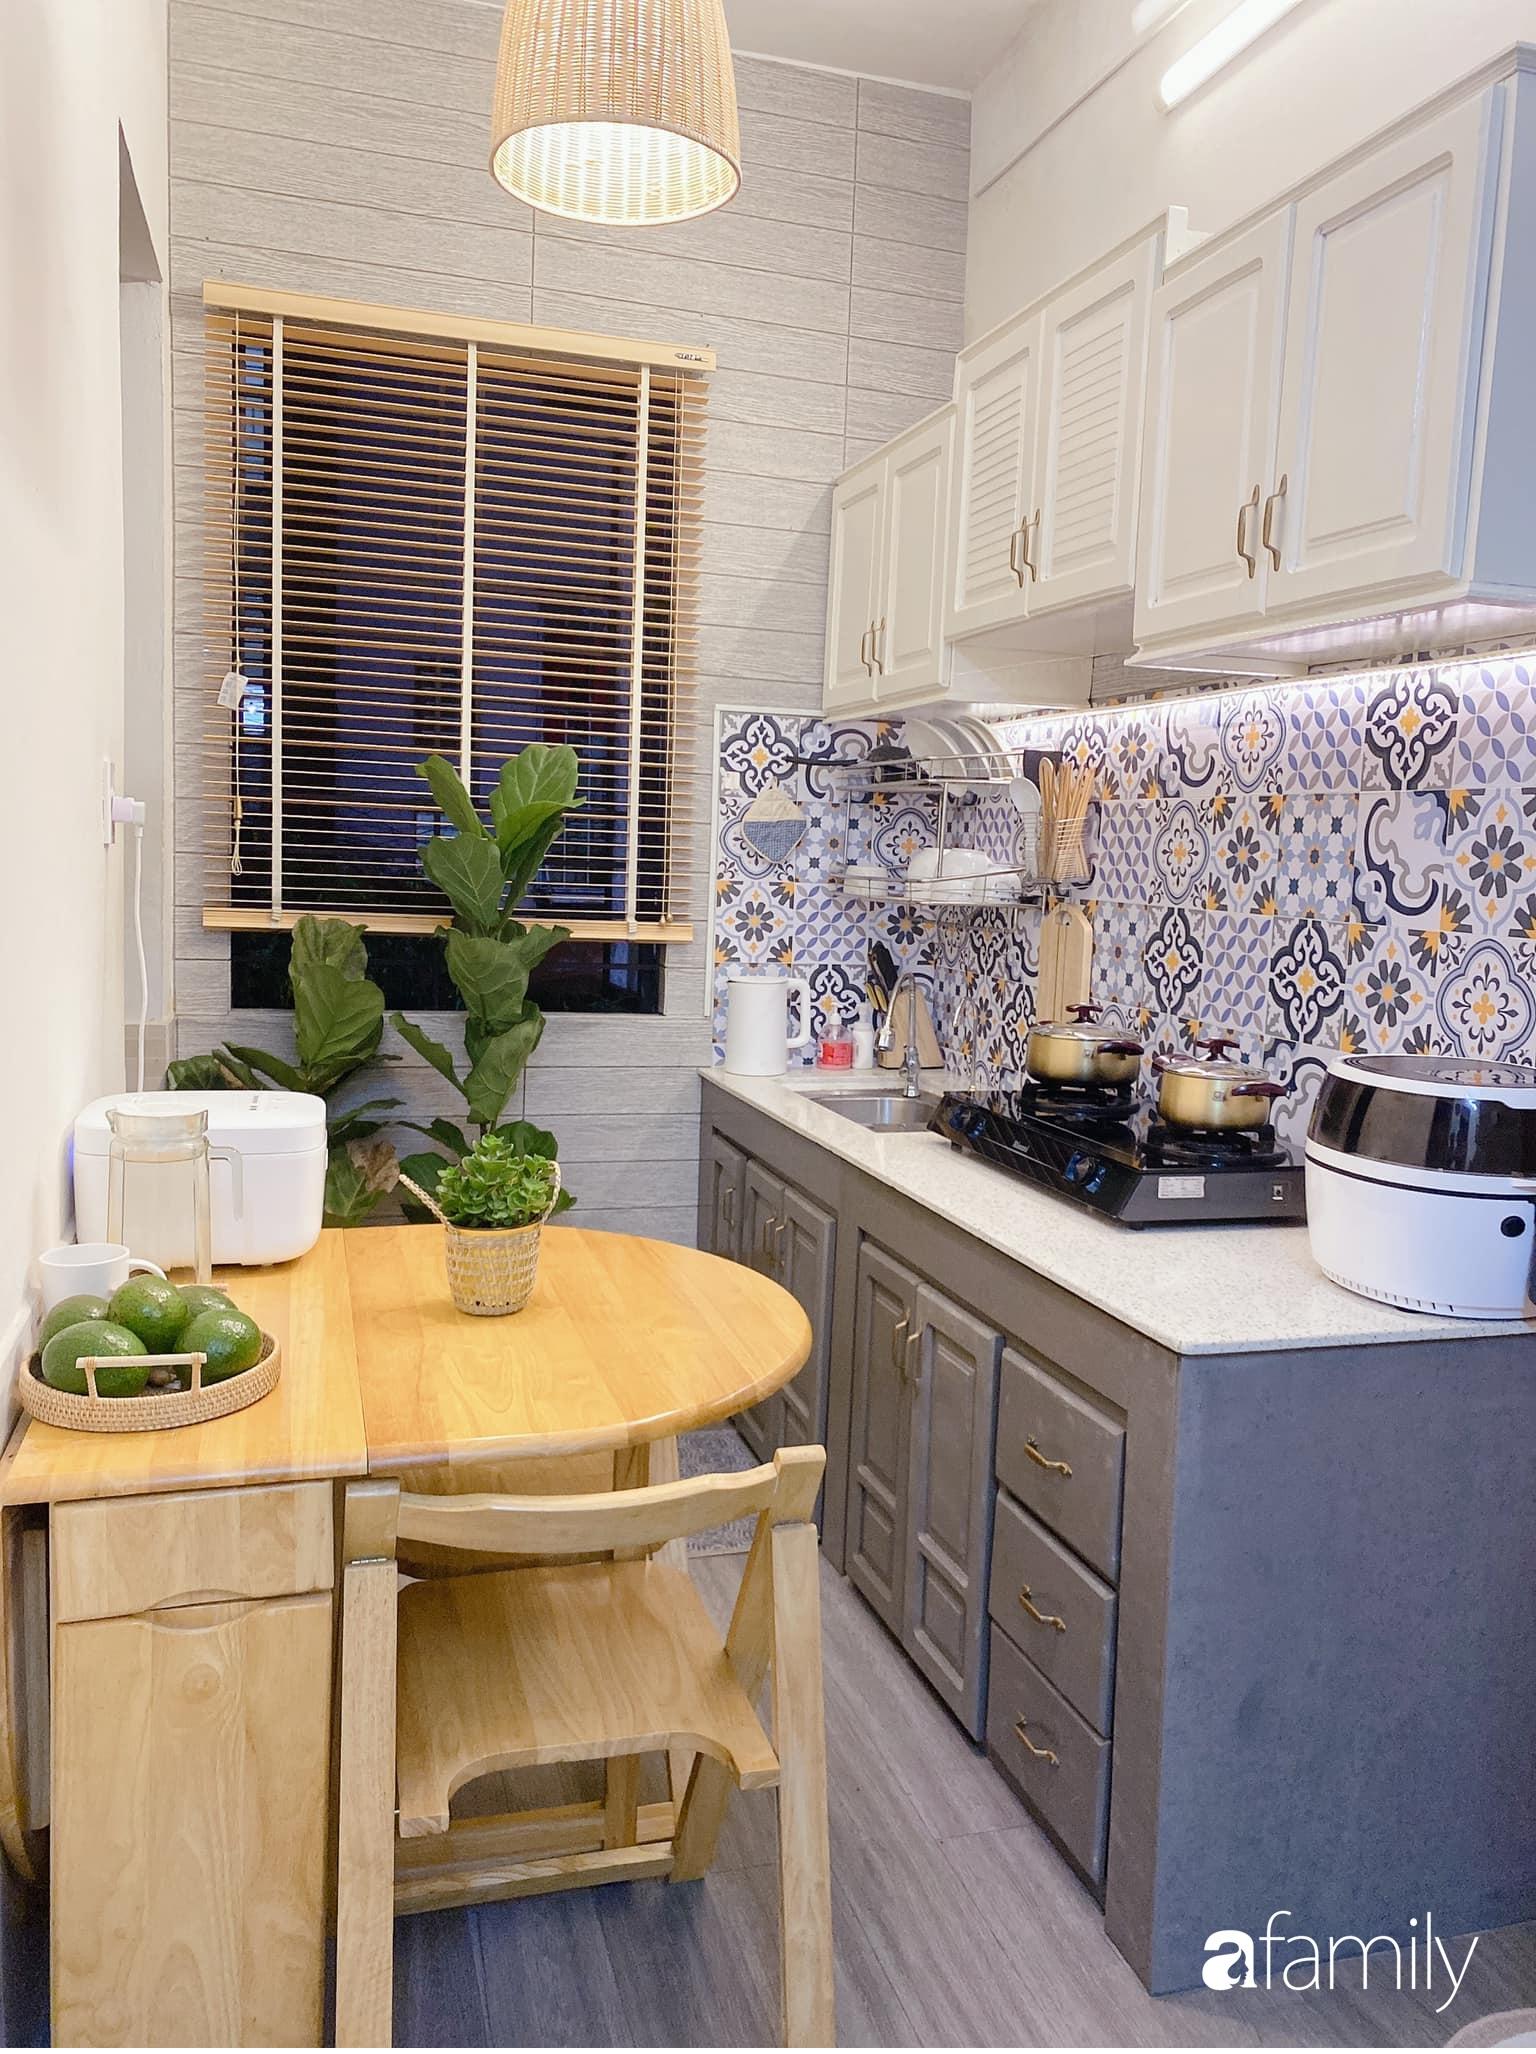 """Anh chồng chiều vợ """"thay áo mới"""" cho căn bếp cũ 6m² trở thành không gian đẹp miễn chê với chi phí chưa đến 3 triệu đồng ở Đà Nẵng - Ảnh 14."""